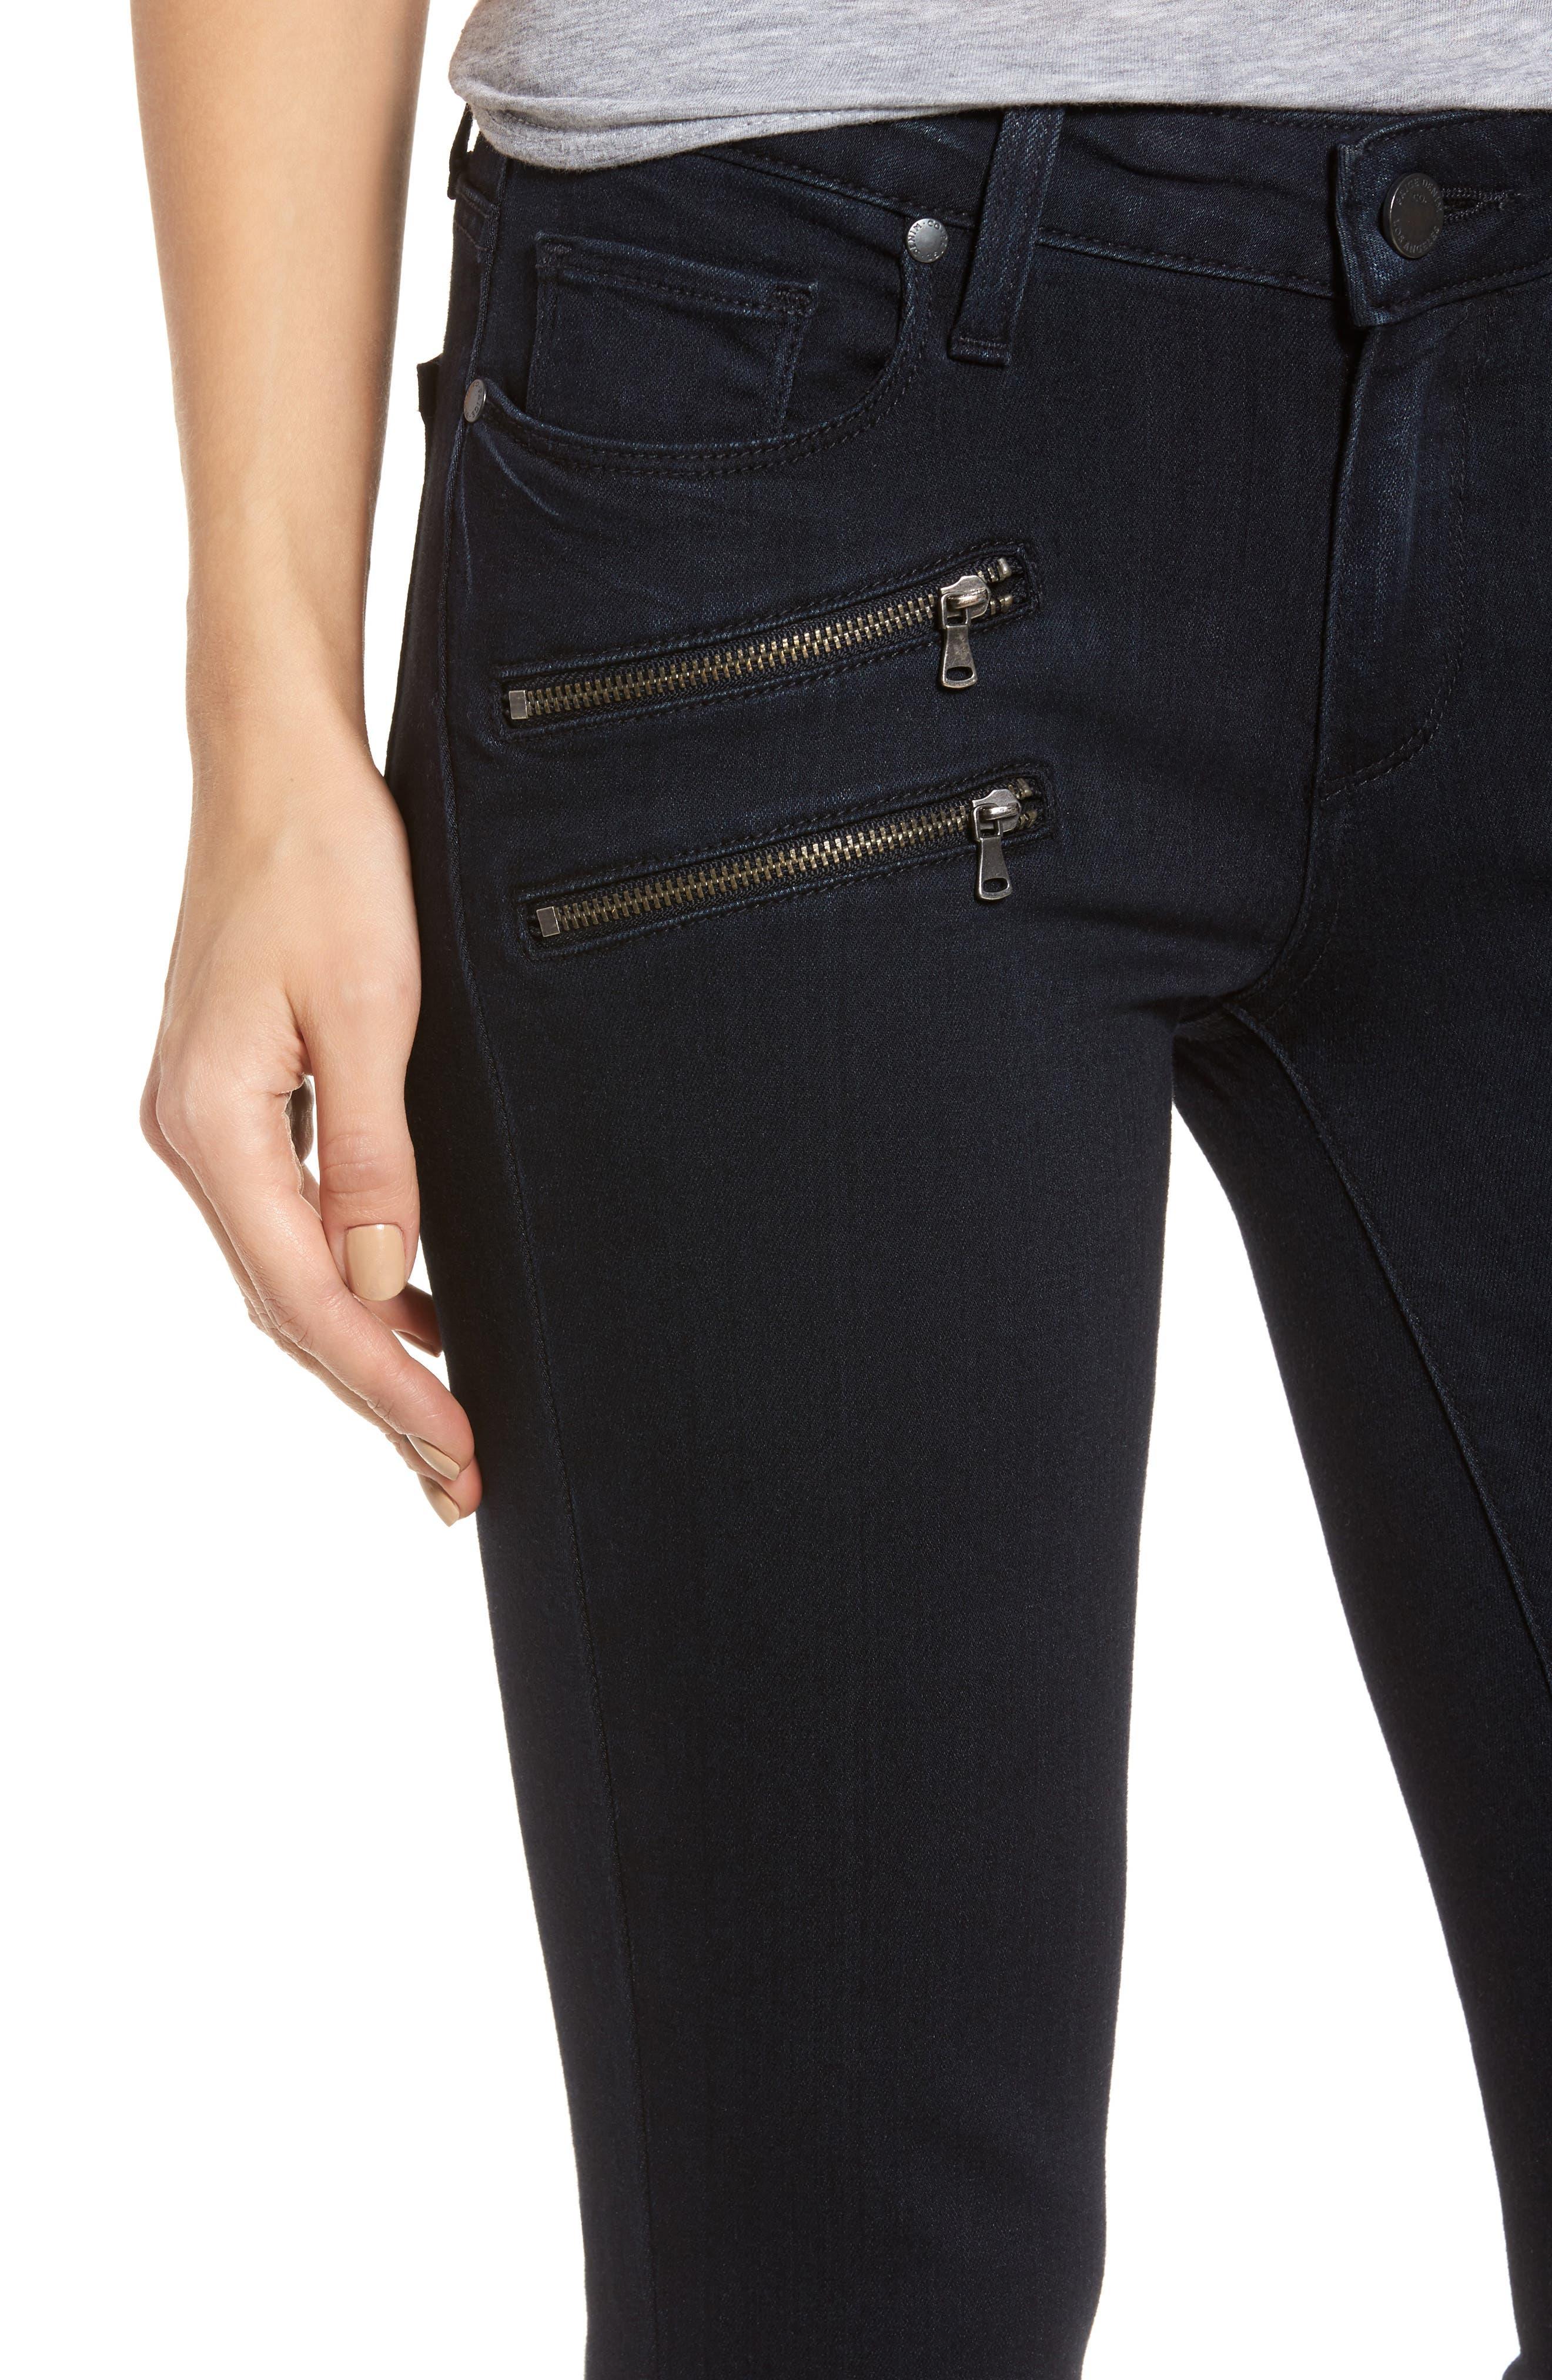 Transcend - Edgemont Ultra Skinny Jeans,                             Alternate thumbnail 4, color,                             400